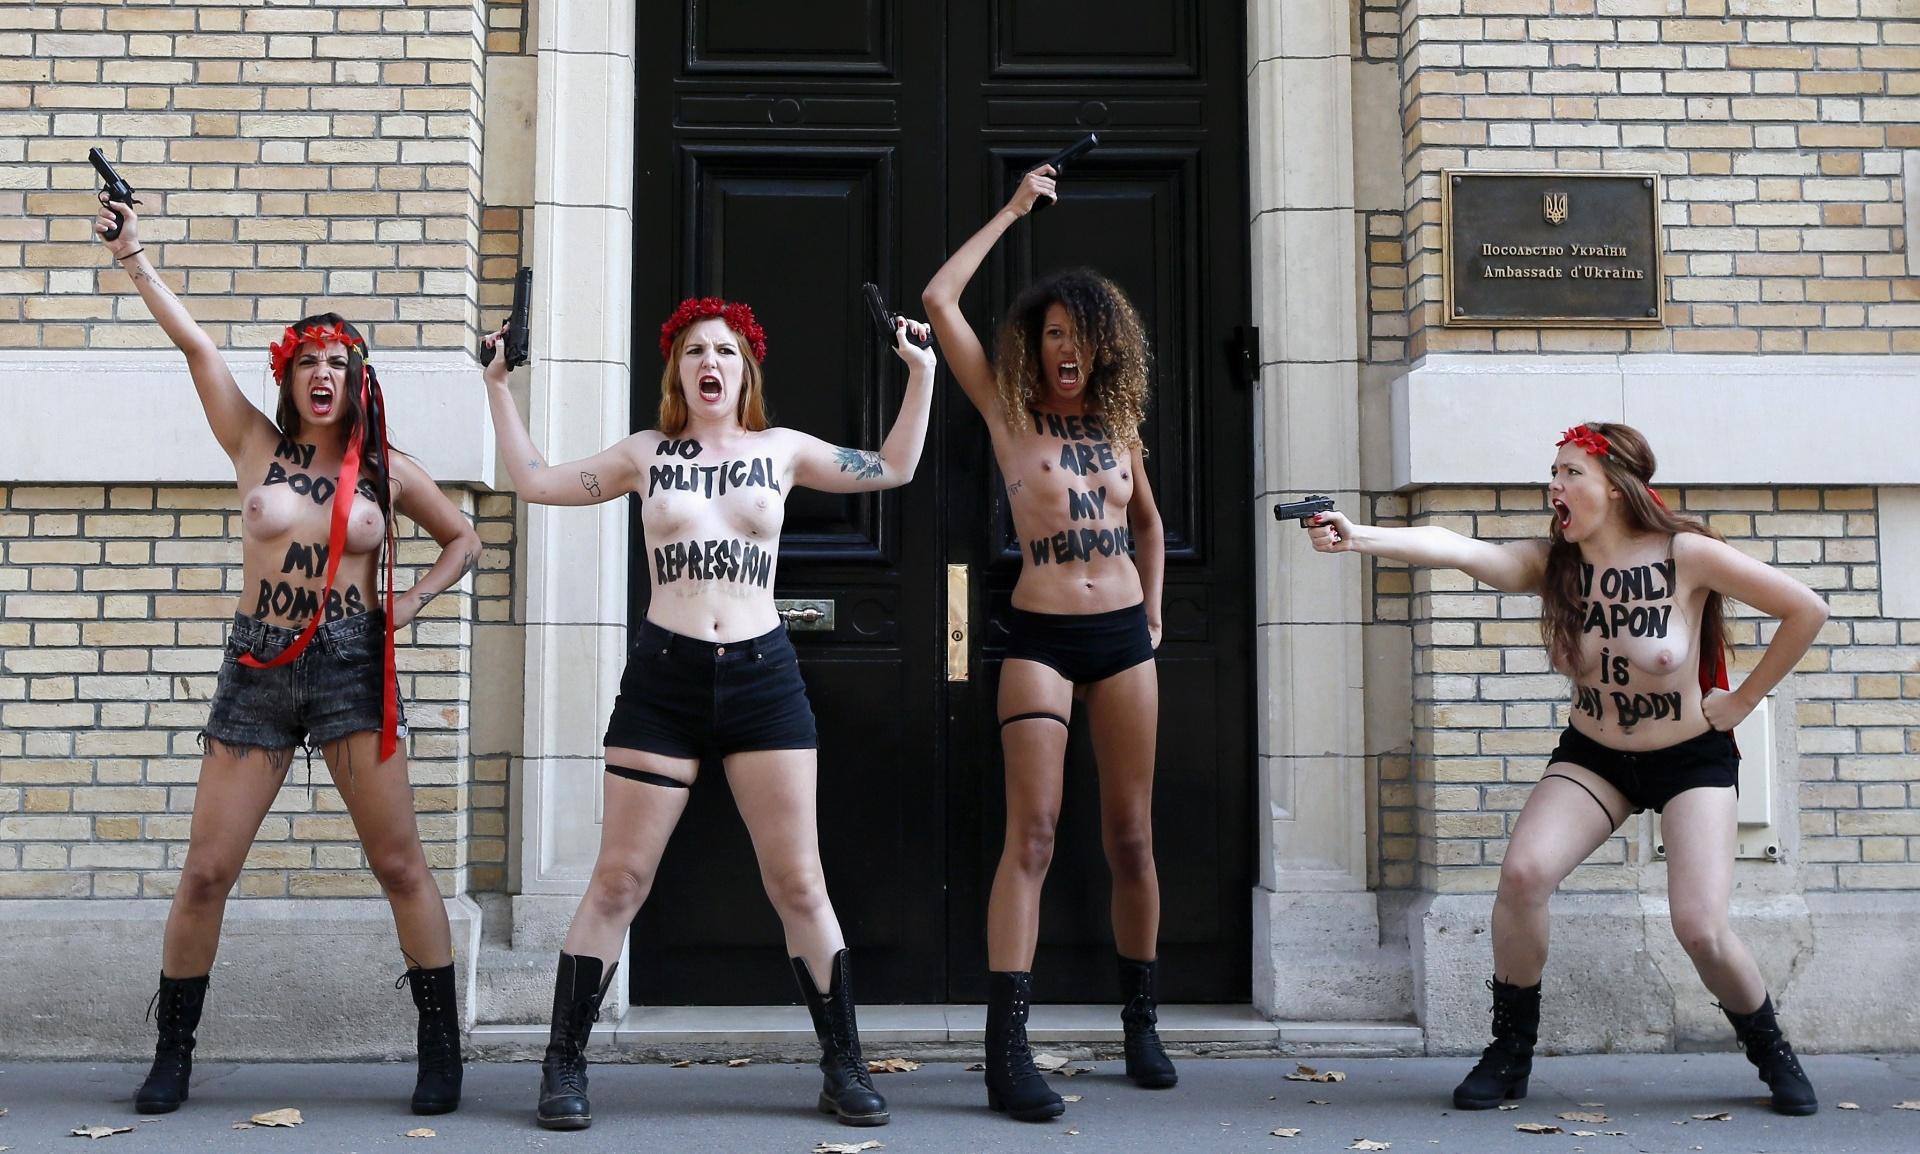 29.ago.2013 - Ativistas do Femen - movimento feminista conhecido por suas performances de topless - protestam seminuas contra o que elas chamam de ditadura e repressão política contra membros do grupo na Ucrânia, em frente à embaixada do país em Paris, na França. O grupo está enfrentando uma investigação criminal por posse de armas ilegais após a polícia revistar seus escritórios no centro de Kiev na terça-feira (27)